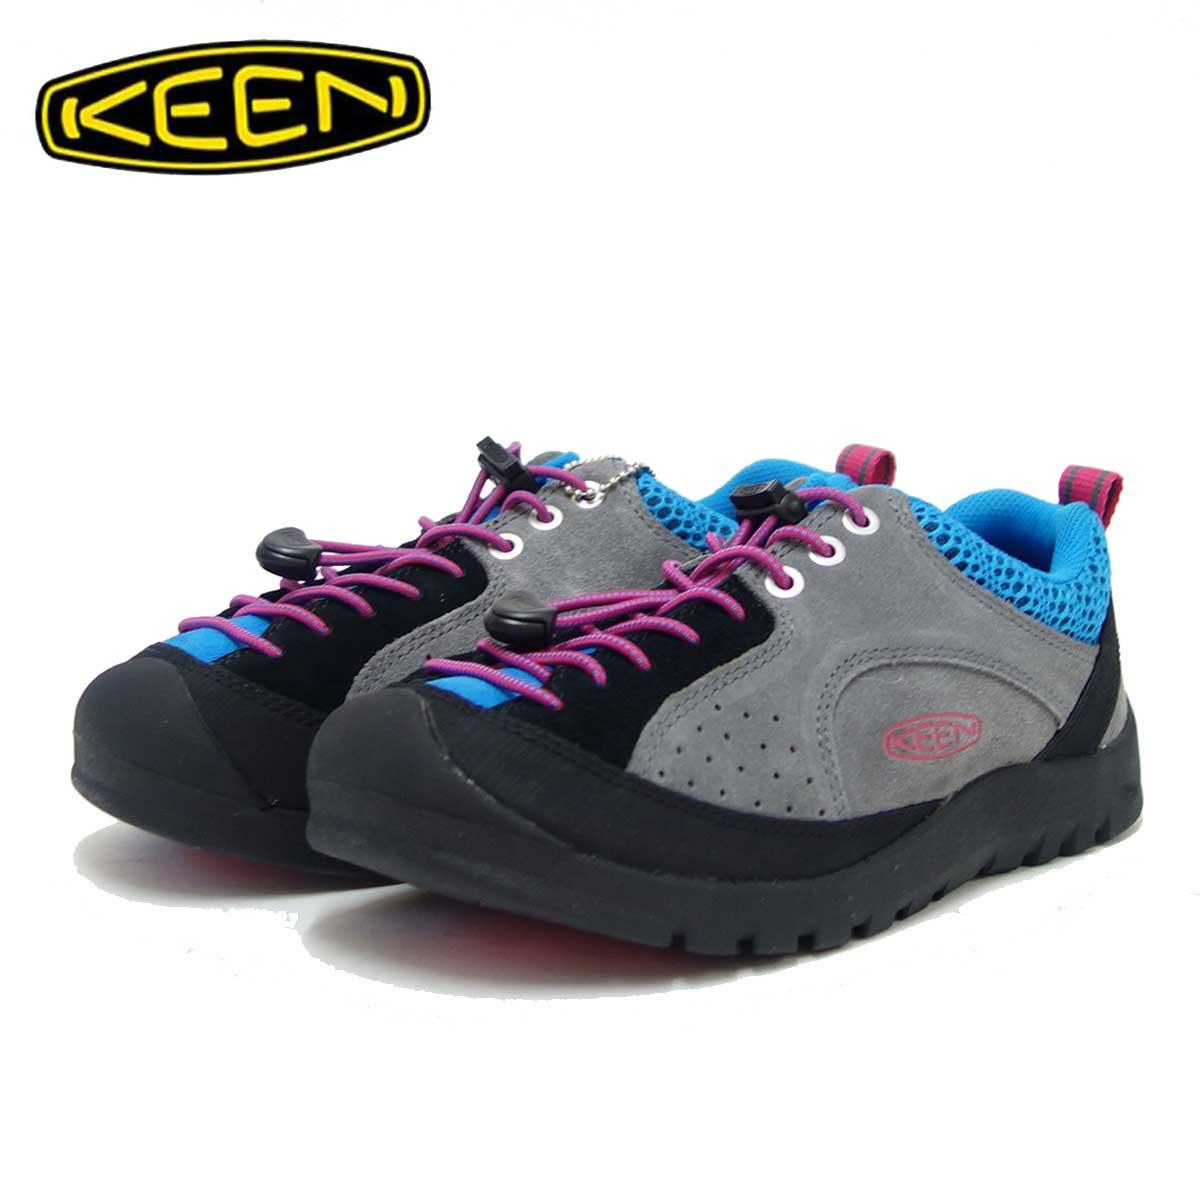 キーン KEEN ジャスパー ロックス エスピー 1019871 Quiet Shade/Dina Blue(レディース) JASPER ROCKS SP 「靴」